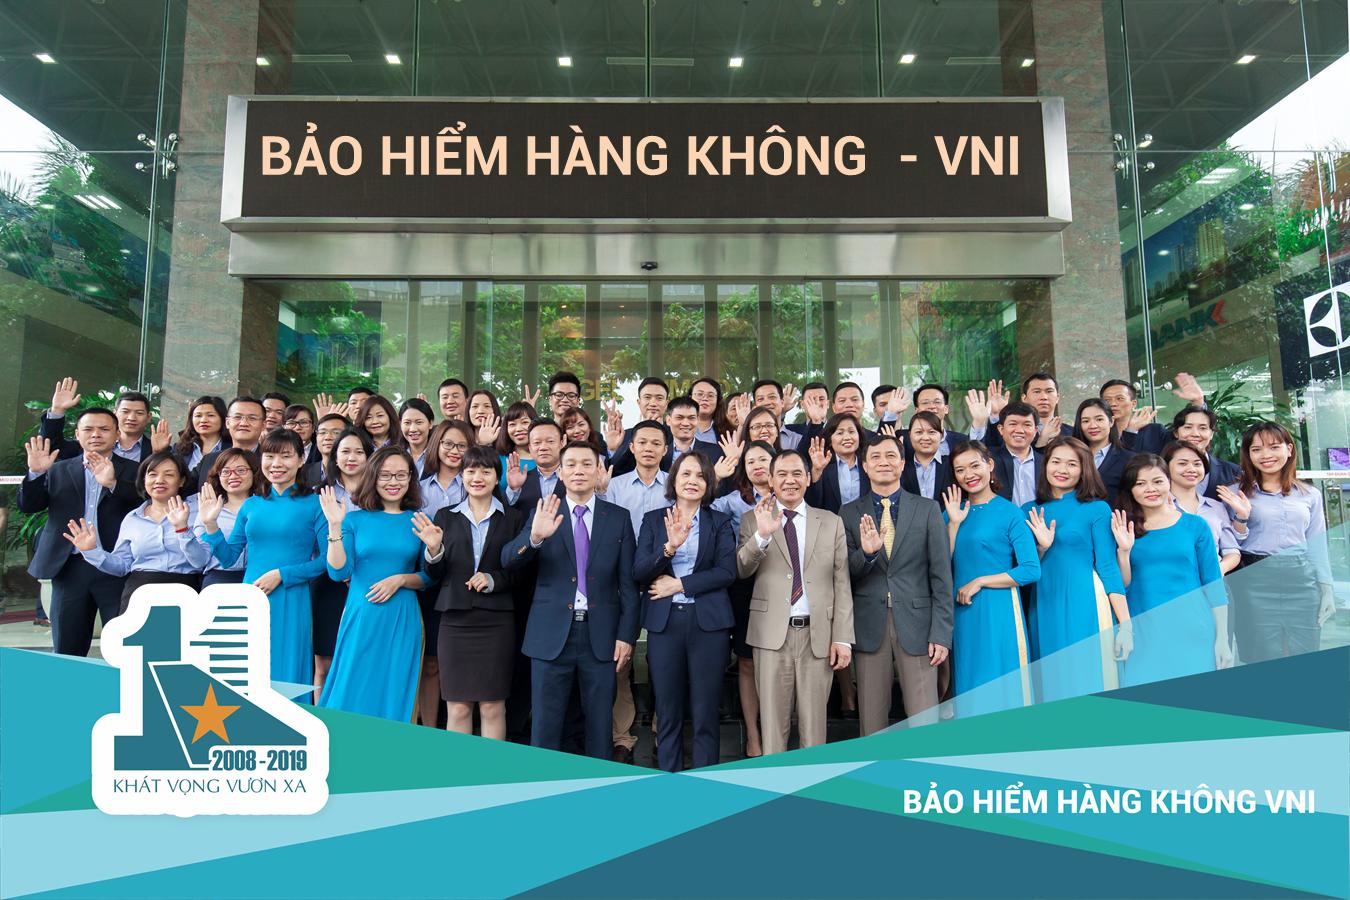 11 năm thành lập - Văn hóa doanh nghiệp là yếu tố nền tảng đối với VNI